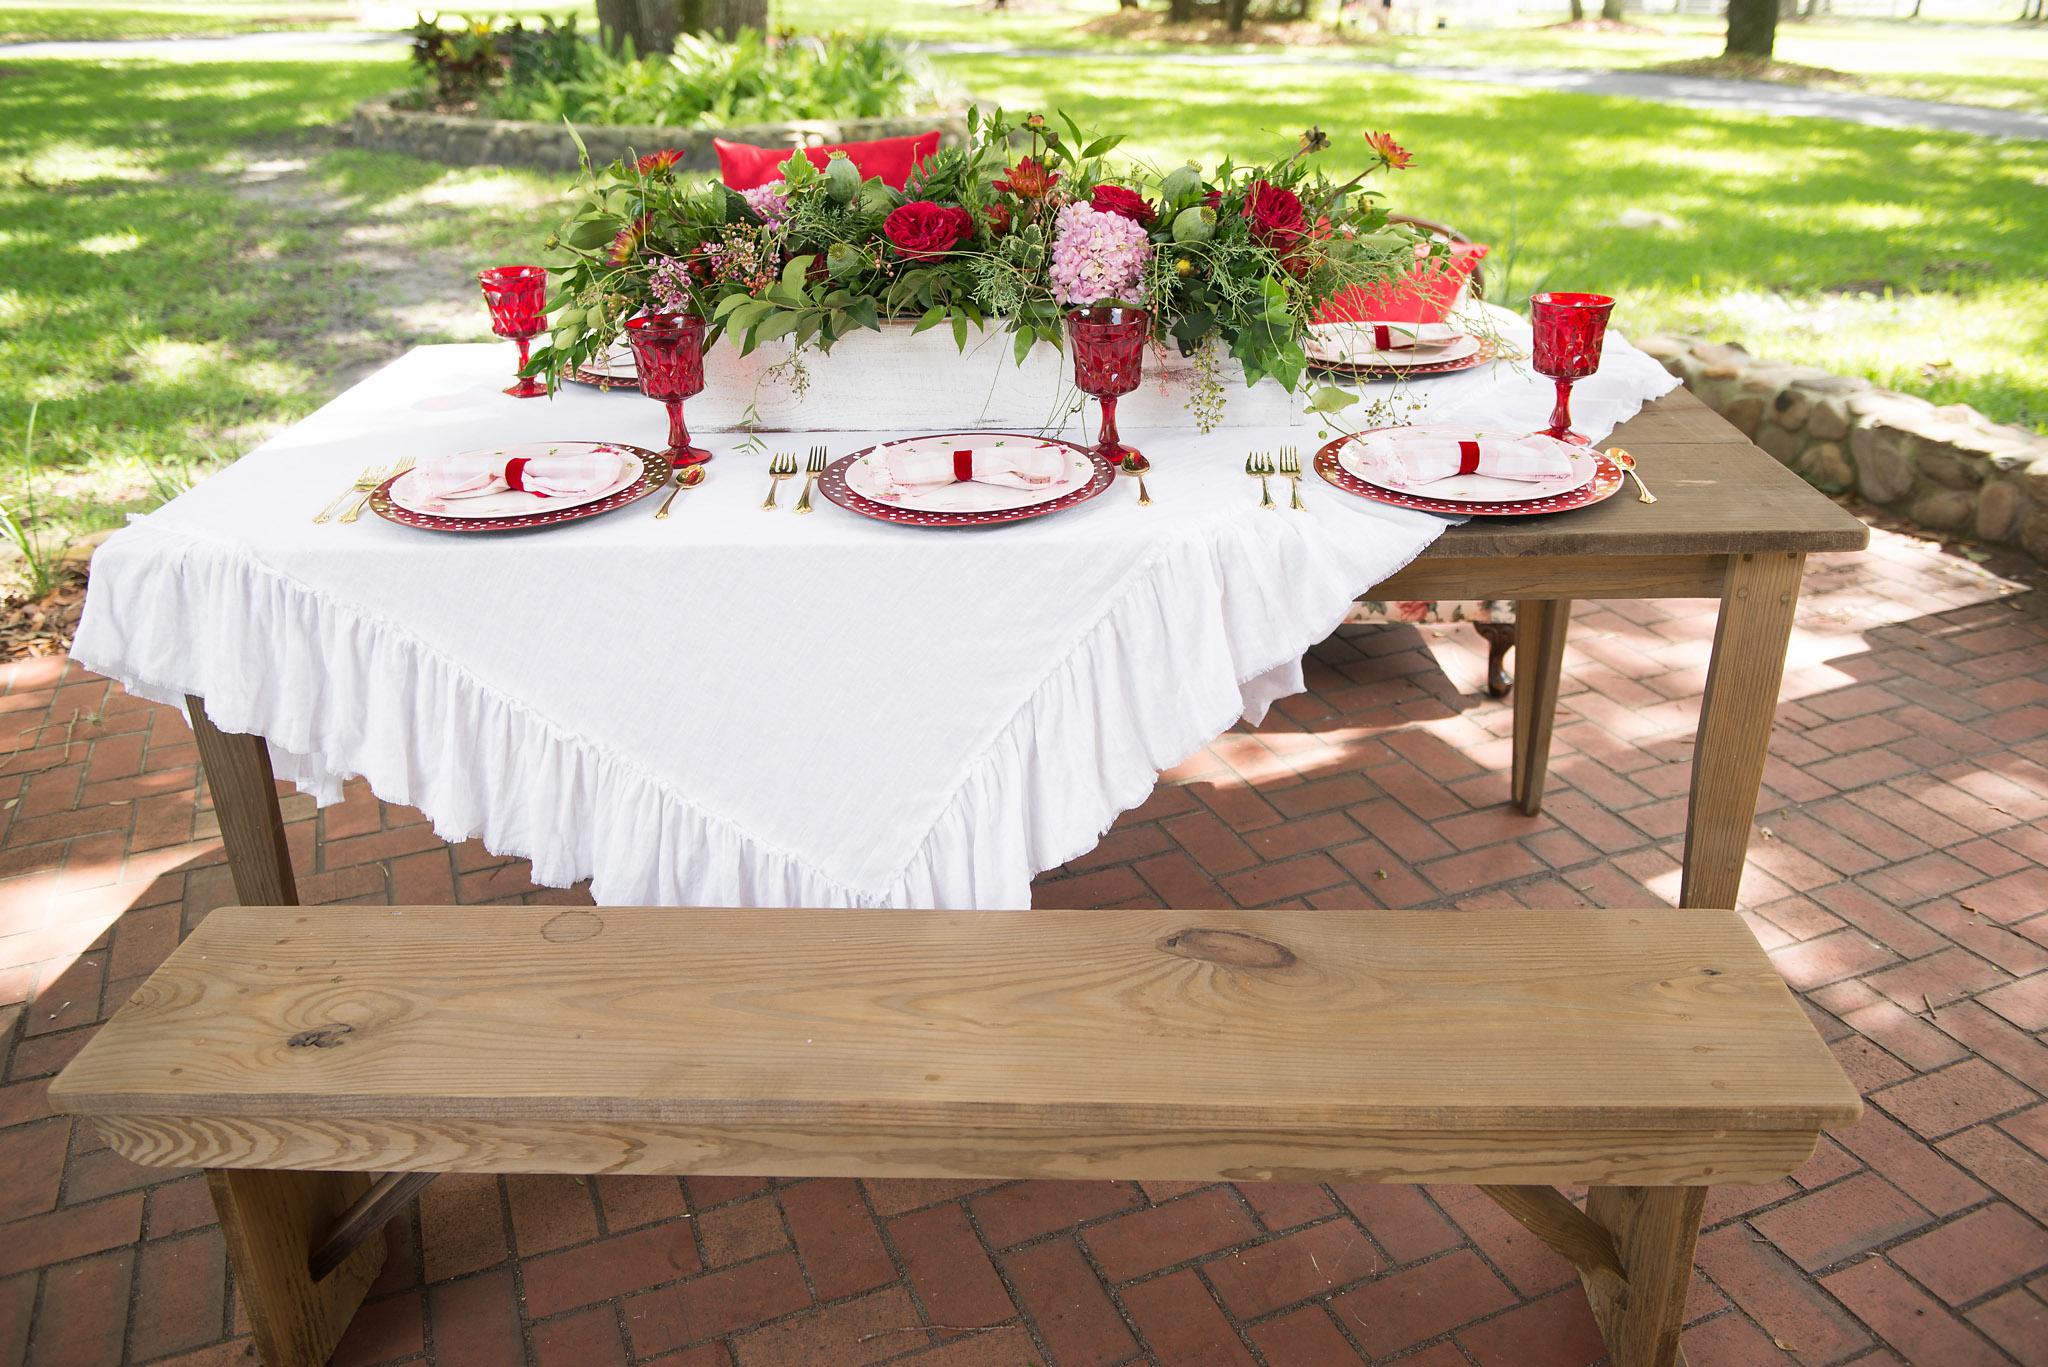 Dade City Farm Table Rentals